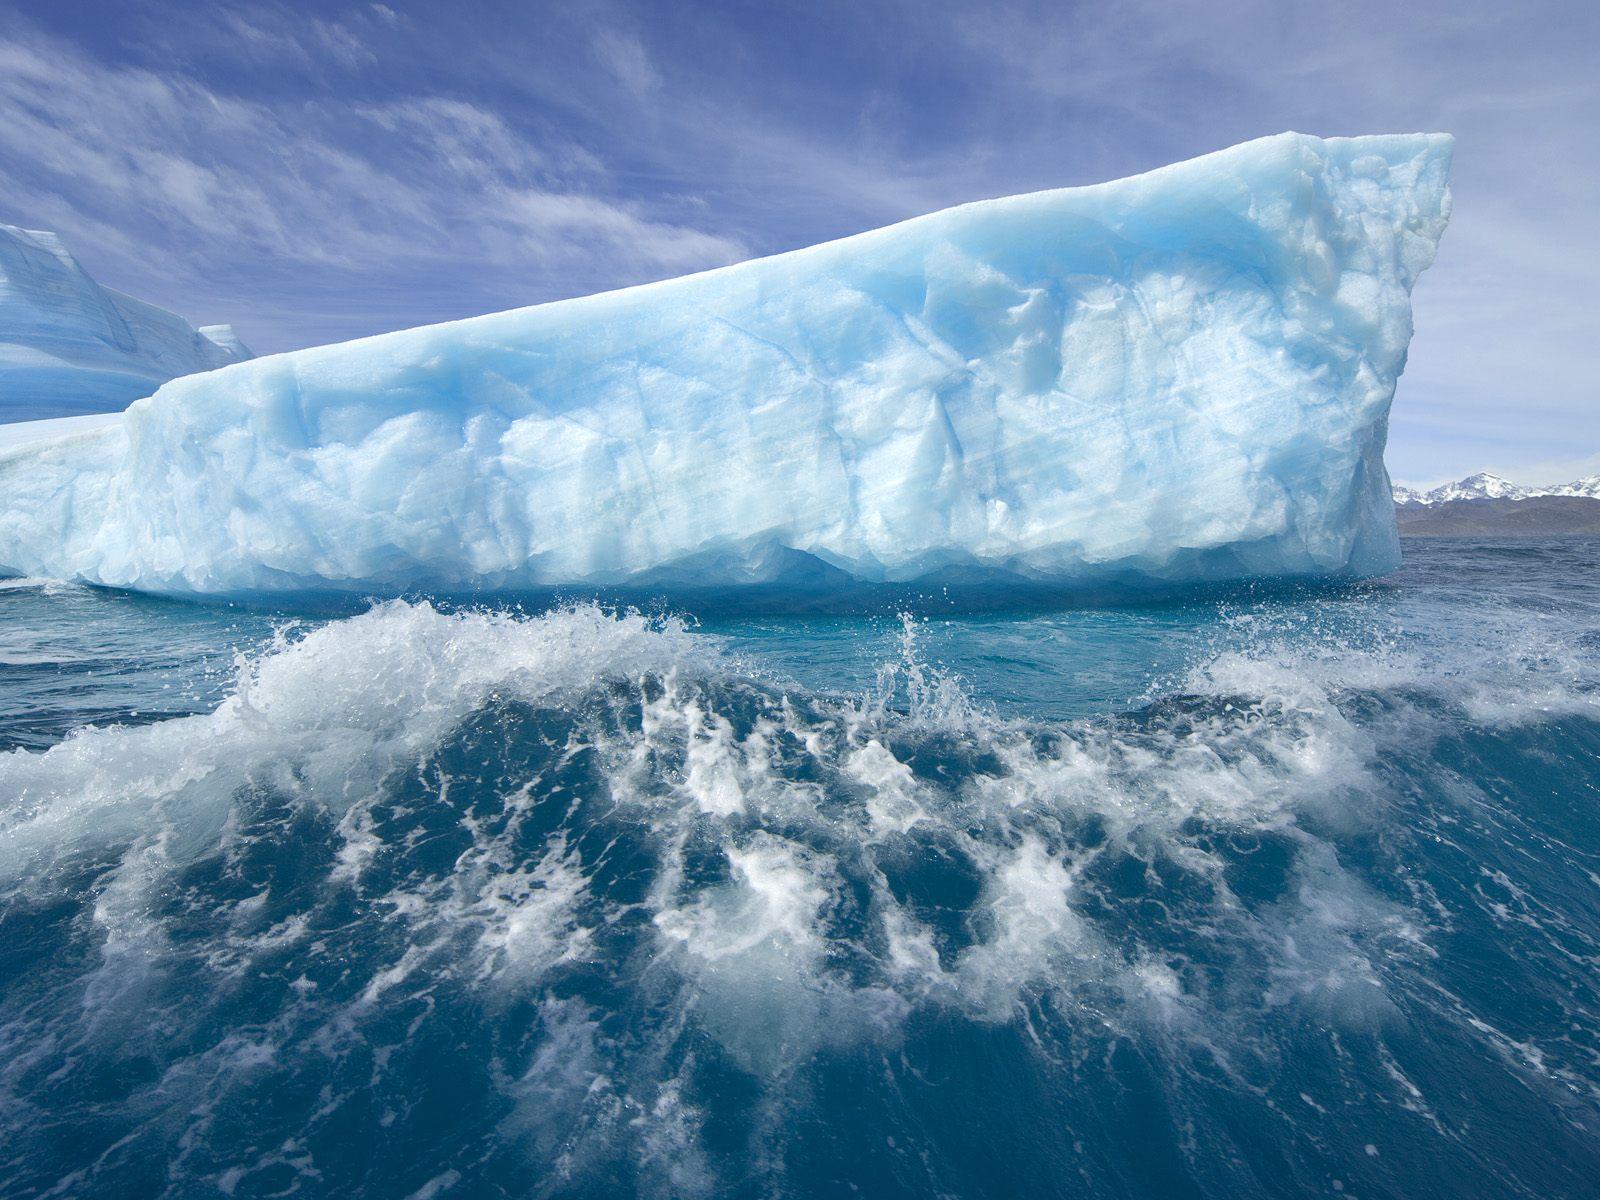 antarctica wallpaper A2